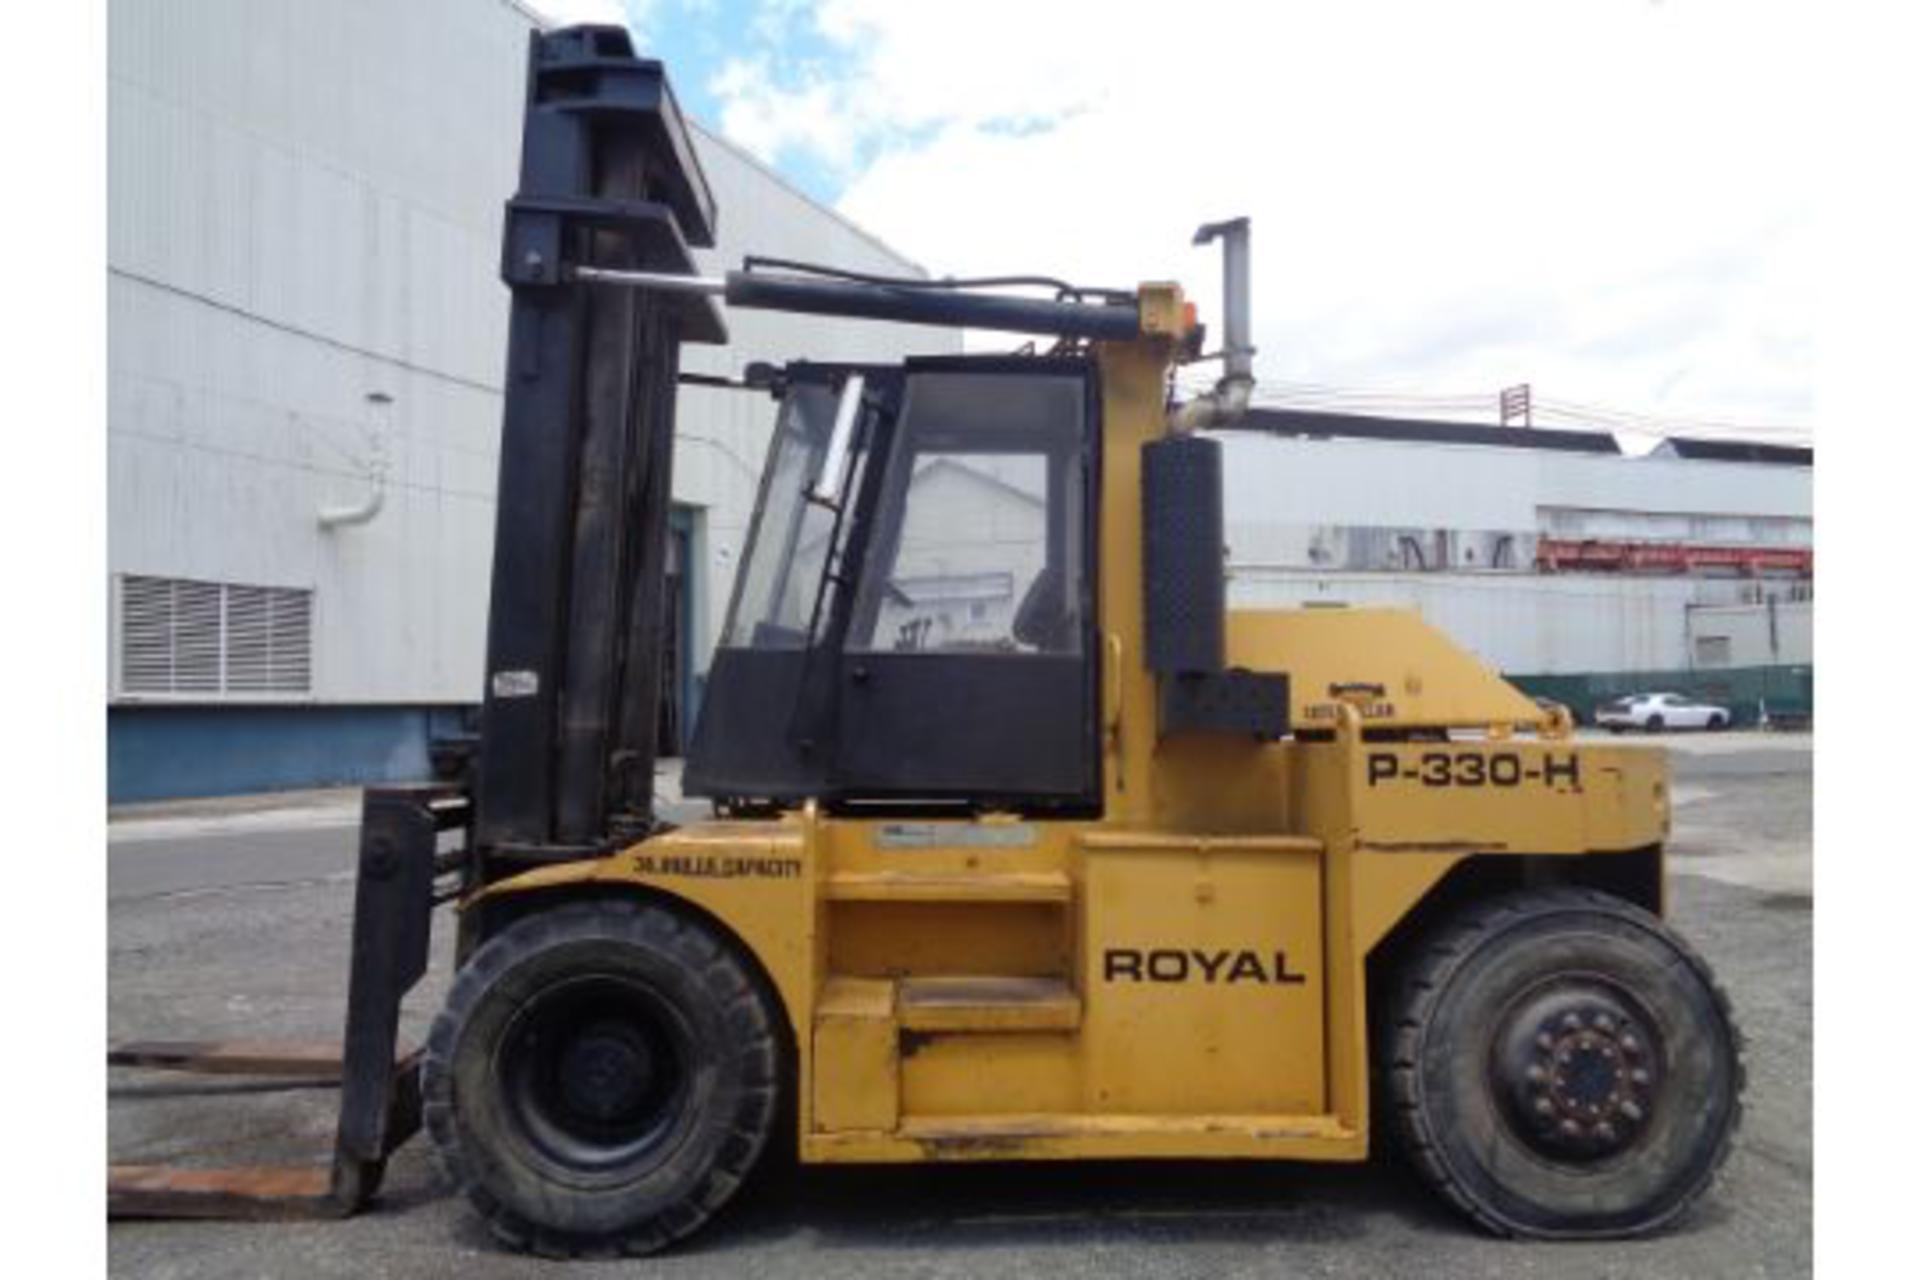 1998 Royal P330H 36,000lb Forklift - Image 2 of 19